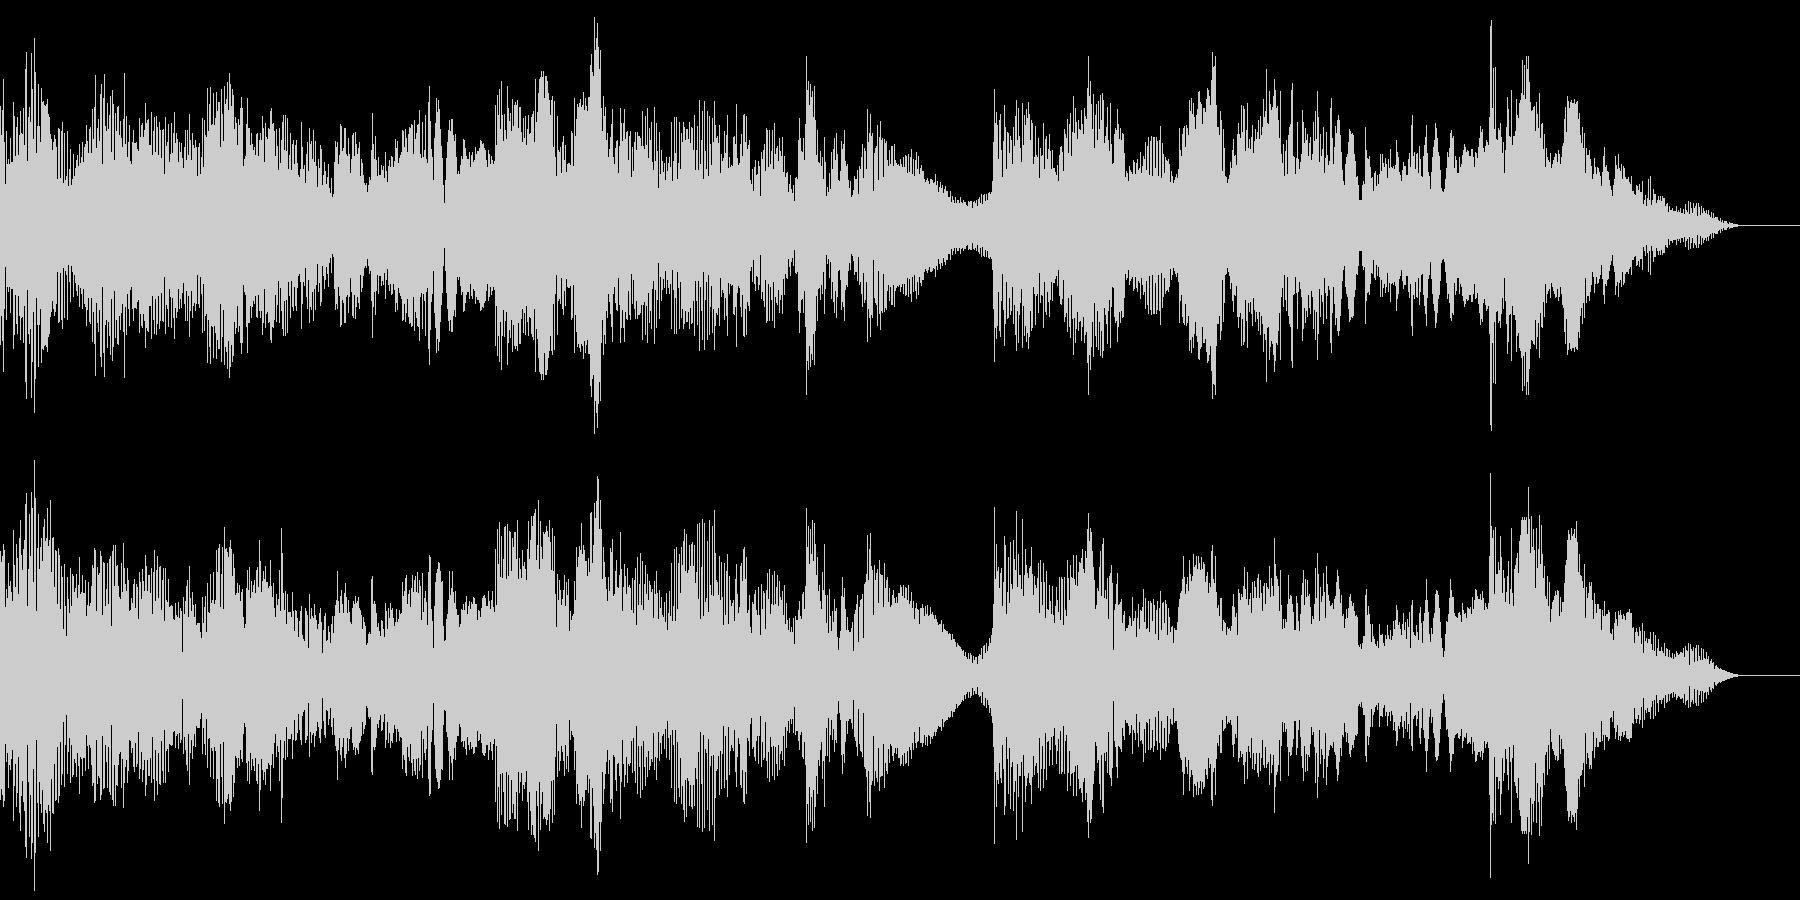 ファンタジーなBGMの未再生の波形